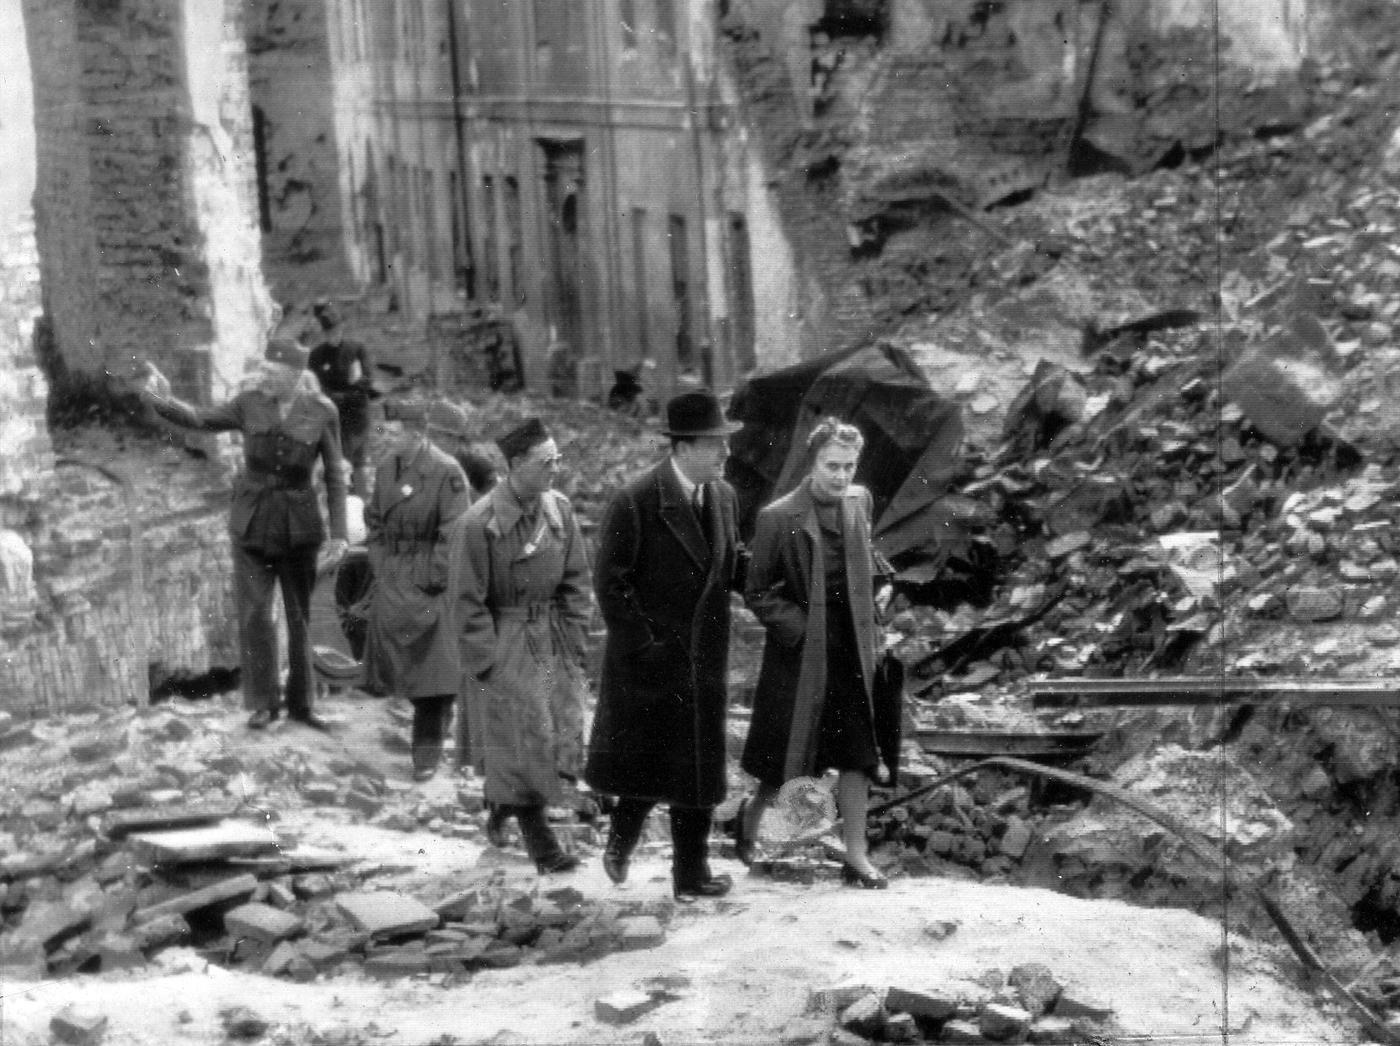 Na zdjęciu Ambasador USA wPolsce, Arthur Bliss Lane wruinach Warszawy, 1945 rok Ambasador idzie podrękę zkobietą, prawdopodobnie żoną pośród ruin miasta. Zanimi grupa kilku żołnierzy amerykańskich.